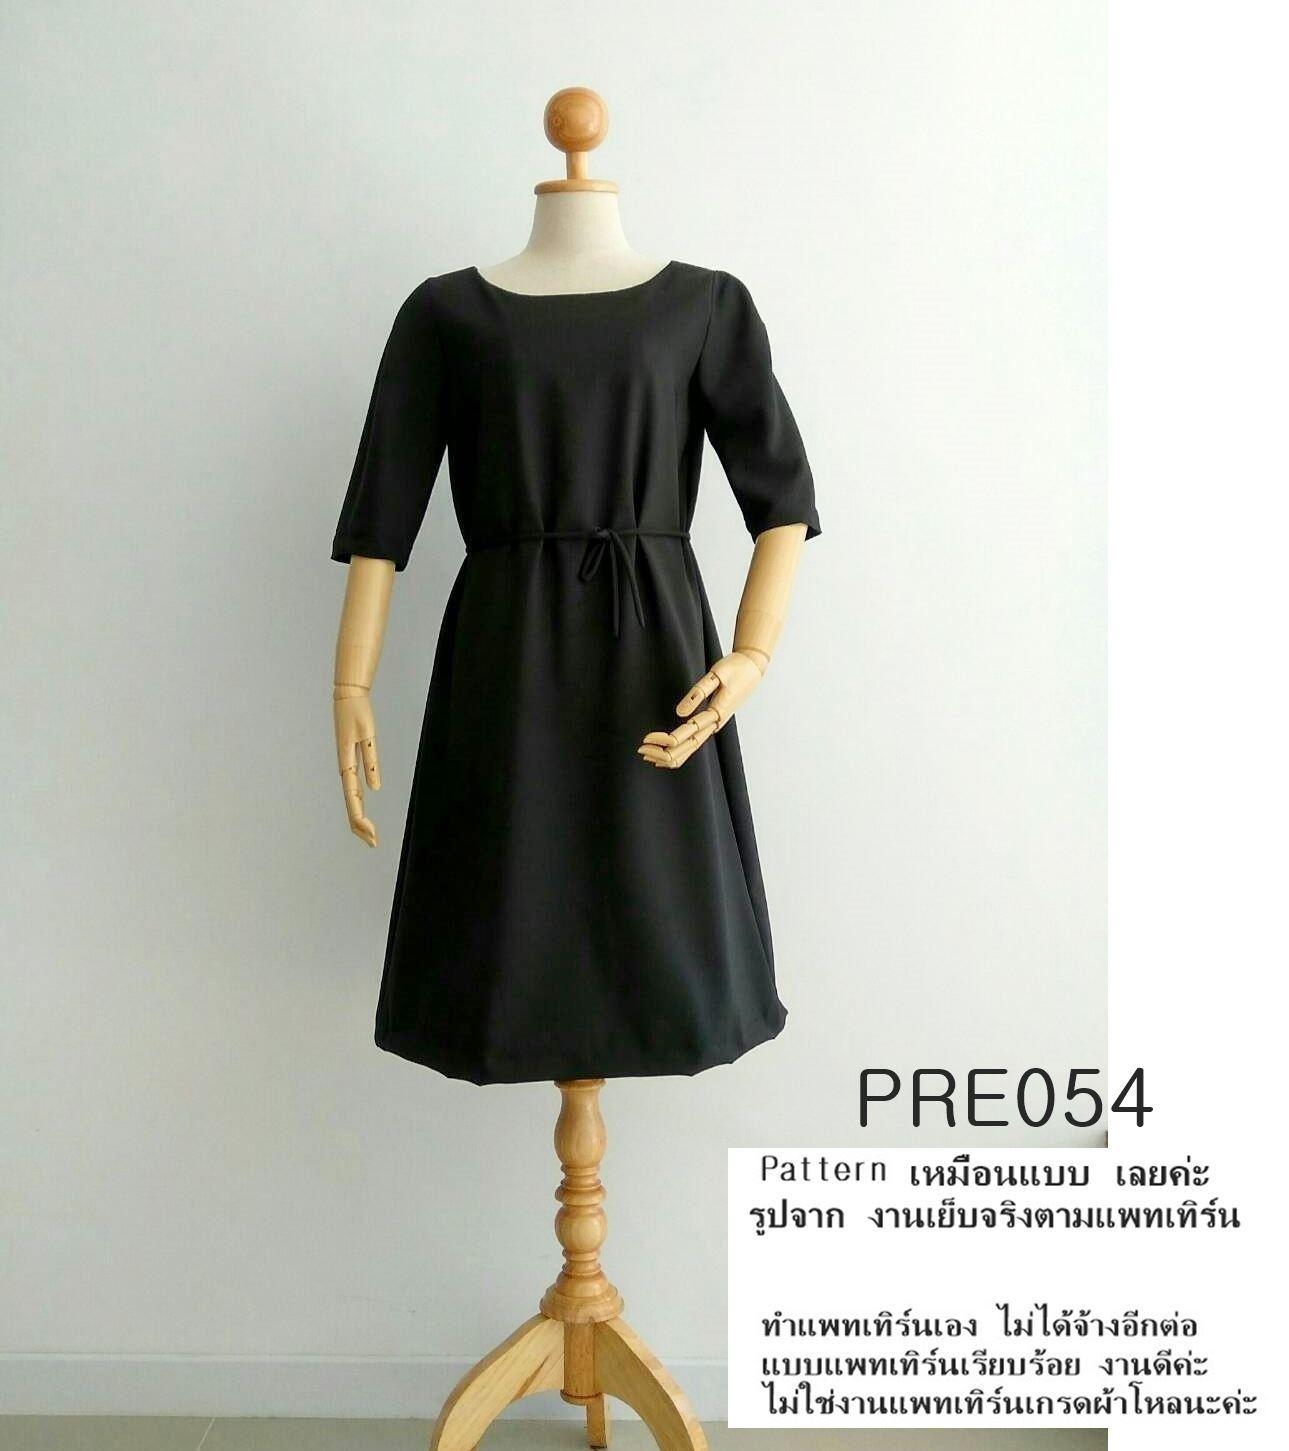 แพทเทิร์น PRE054